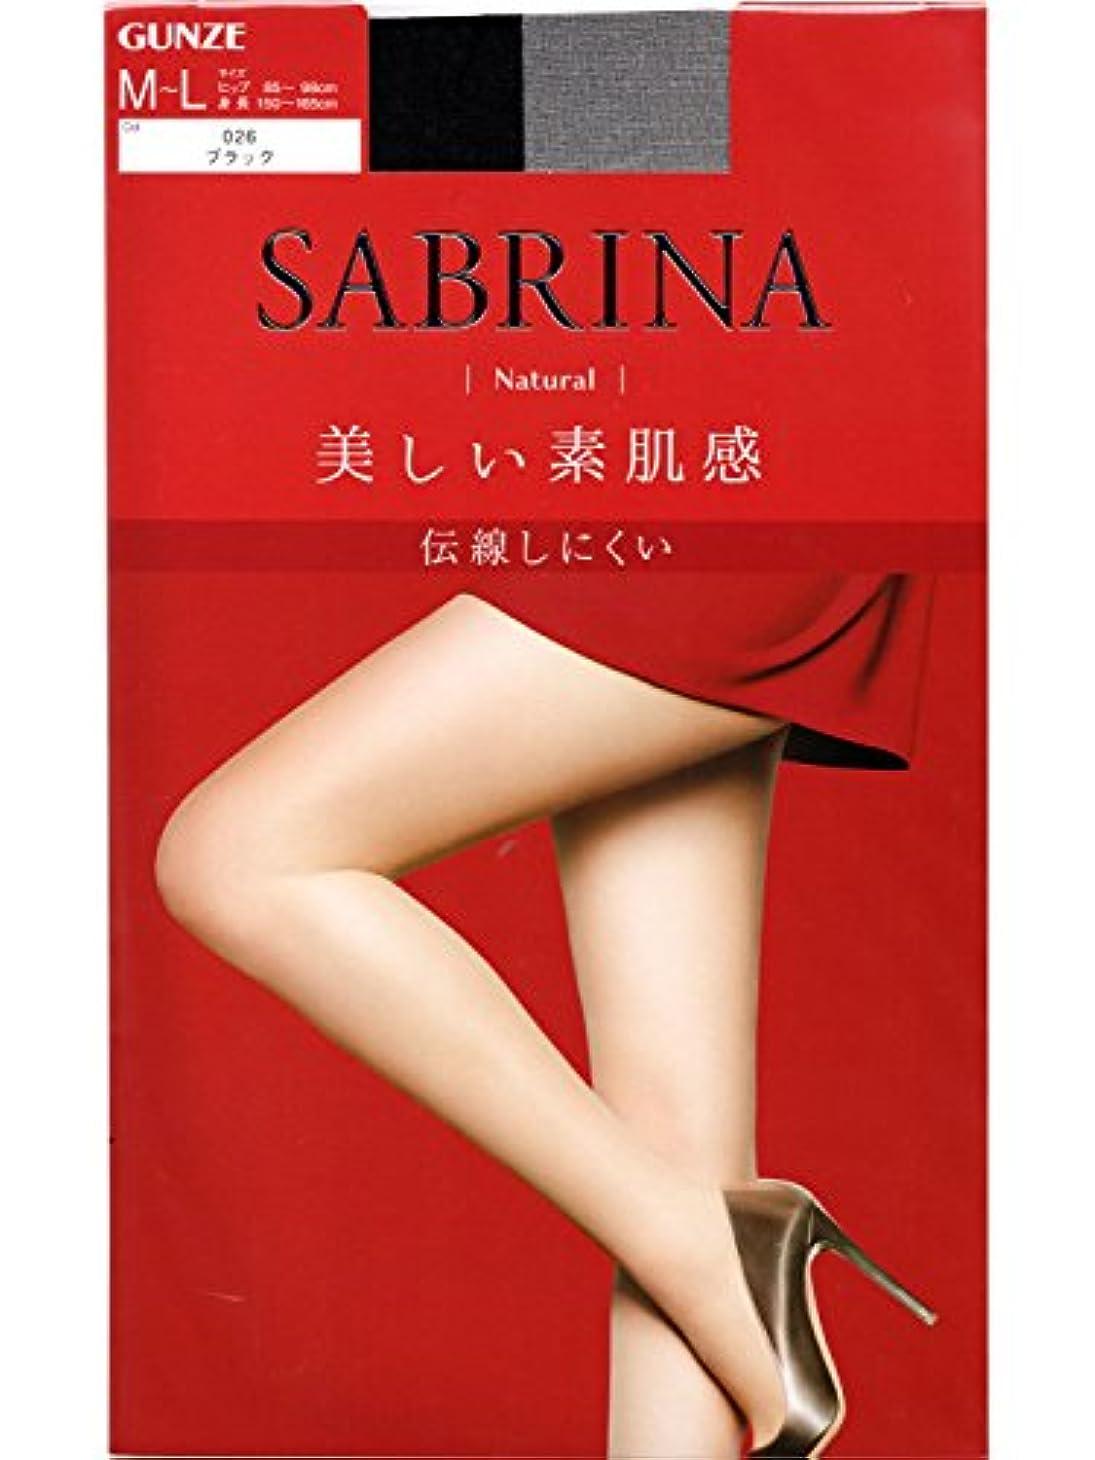 演劇飲み込む好奇心SABRINA(サブリナ)ストッキングナチュラルL-LL ブラック